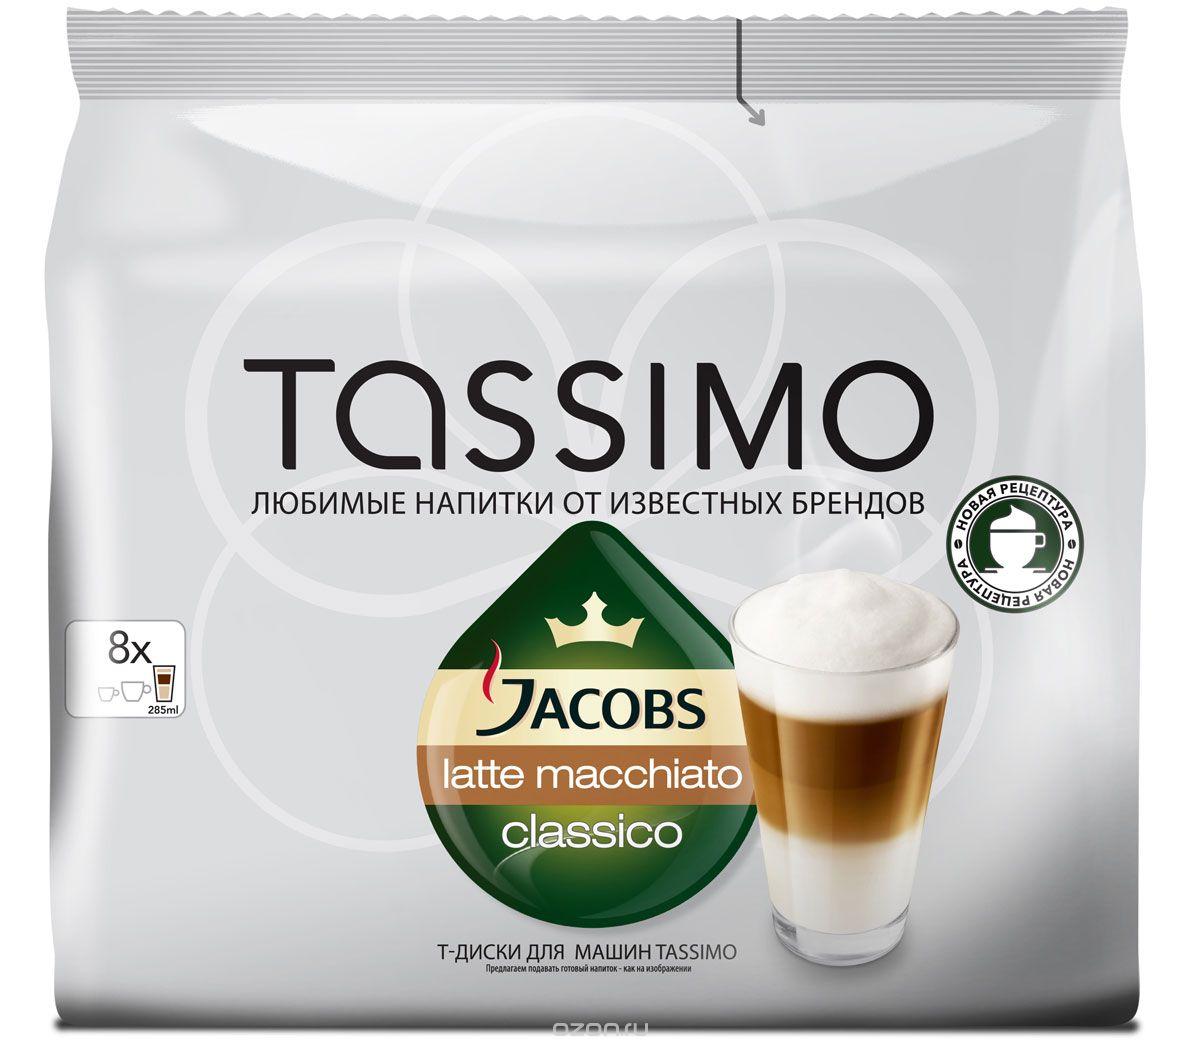 Tassimo Jacobs Latte Macchiato Classico кофе капсульный, 8 шт modelle ботинки modelle 0186 551 0205 кофе с молоком черный